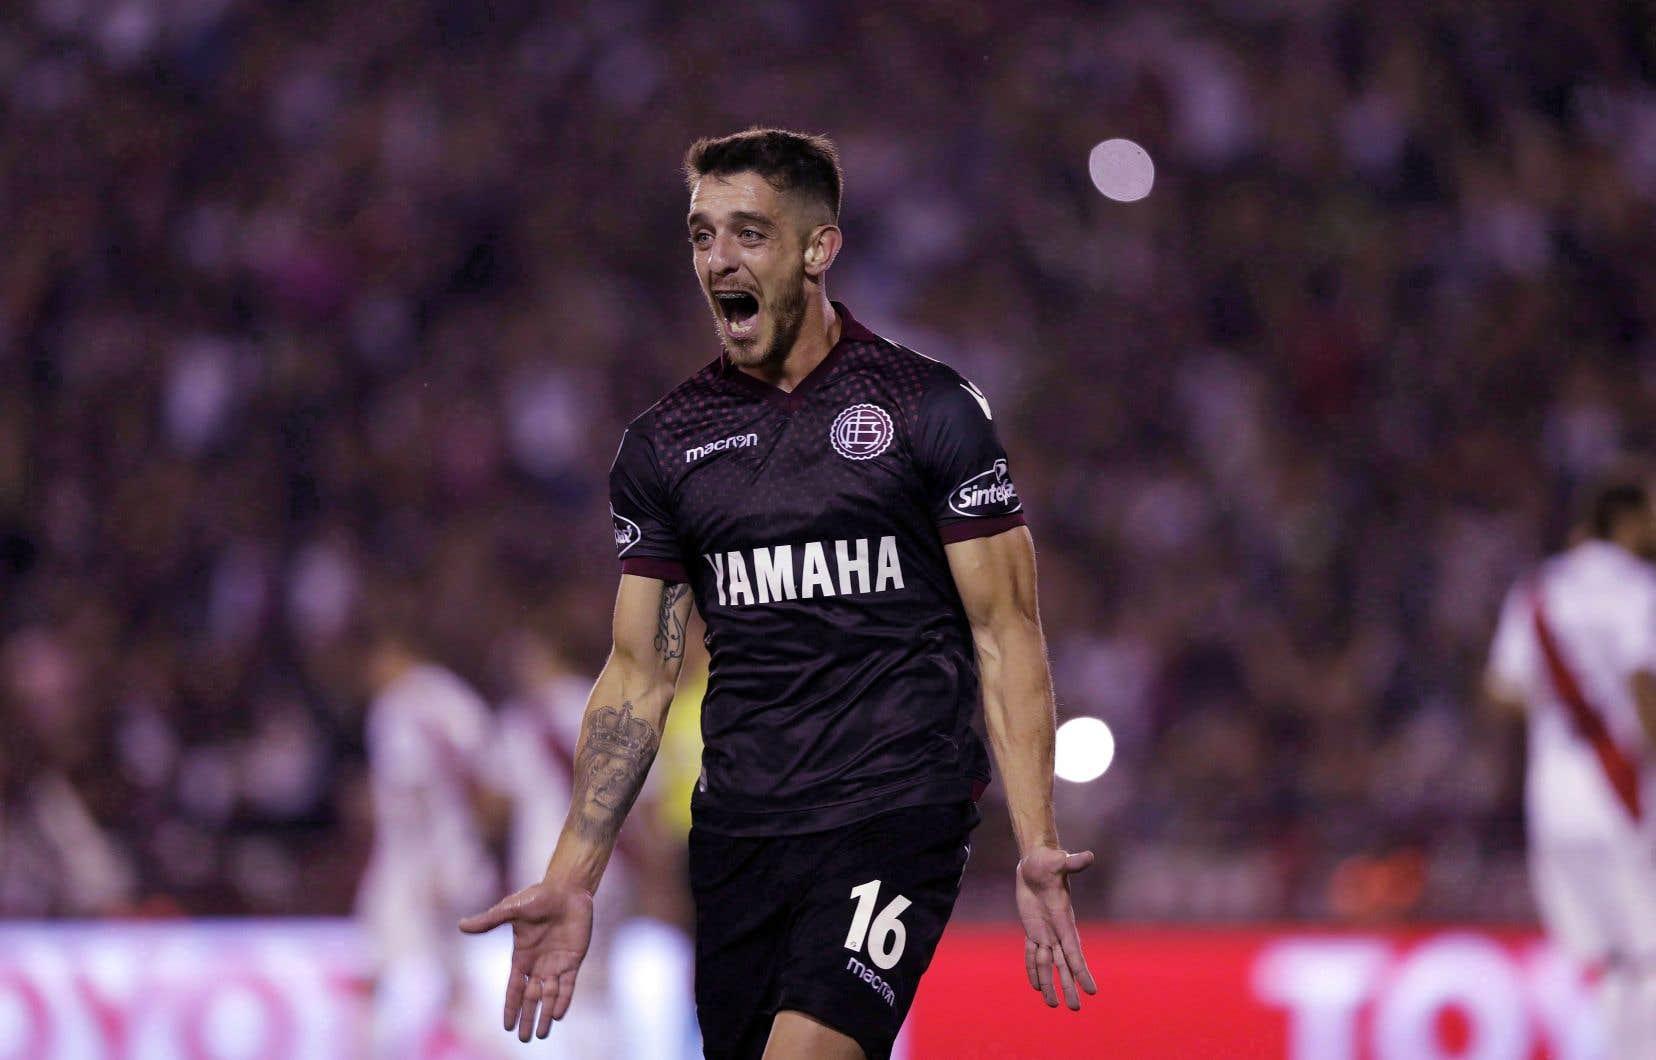 L'Impact a acquis le joueur uruguayen Alejandro Silva du club argentin CA Lanus la semaine dernière.<br /> <br />